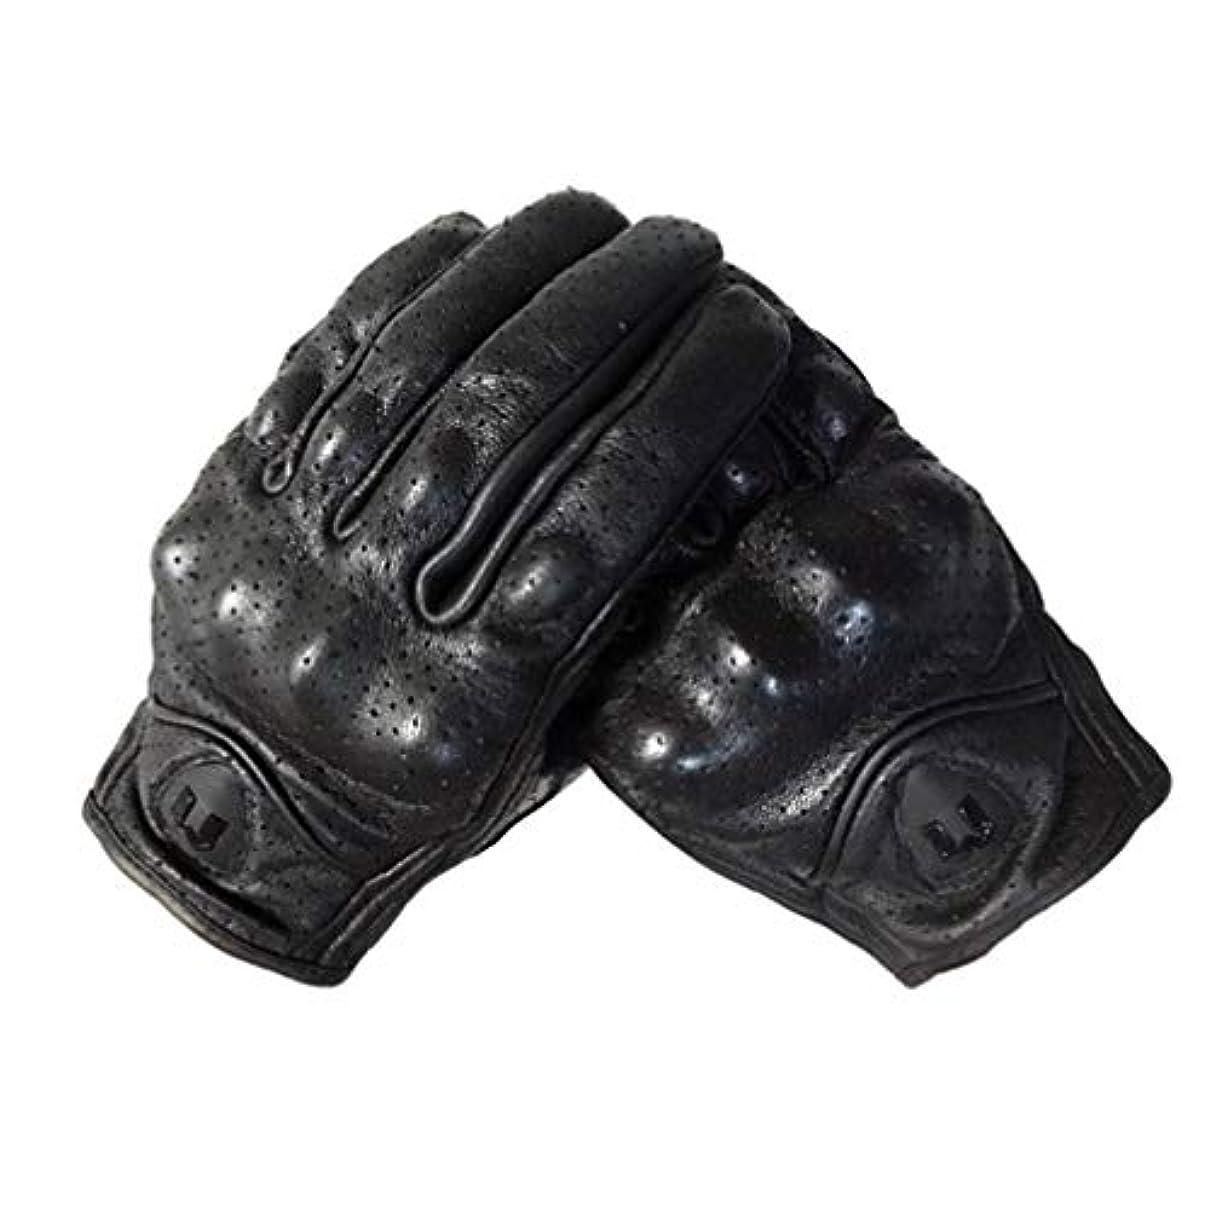 猛烈なインストールどこLIOOBO 冬革手袋フルフィンガーサイクリング手袋オートバイの手袋運転手袋タッチスクリーン手袋男性用女性